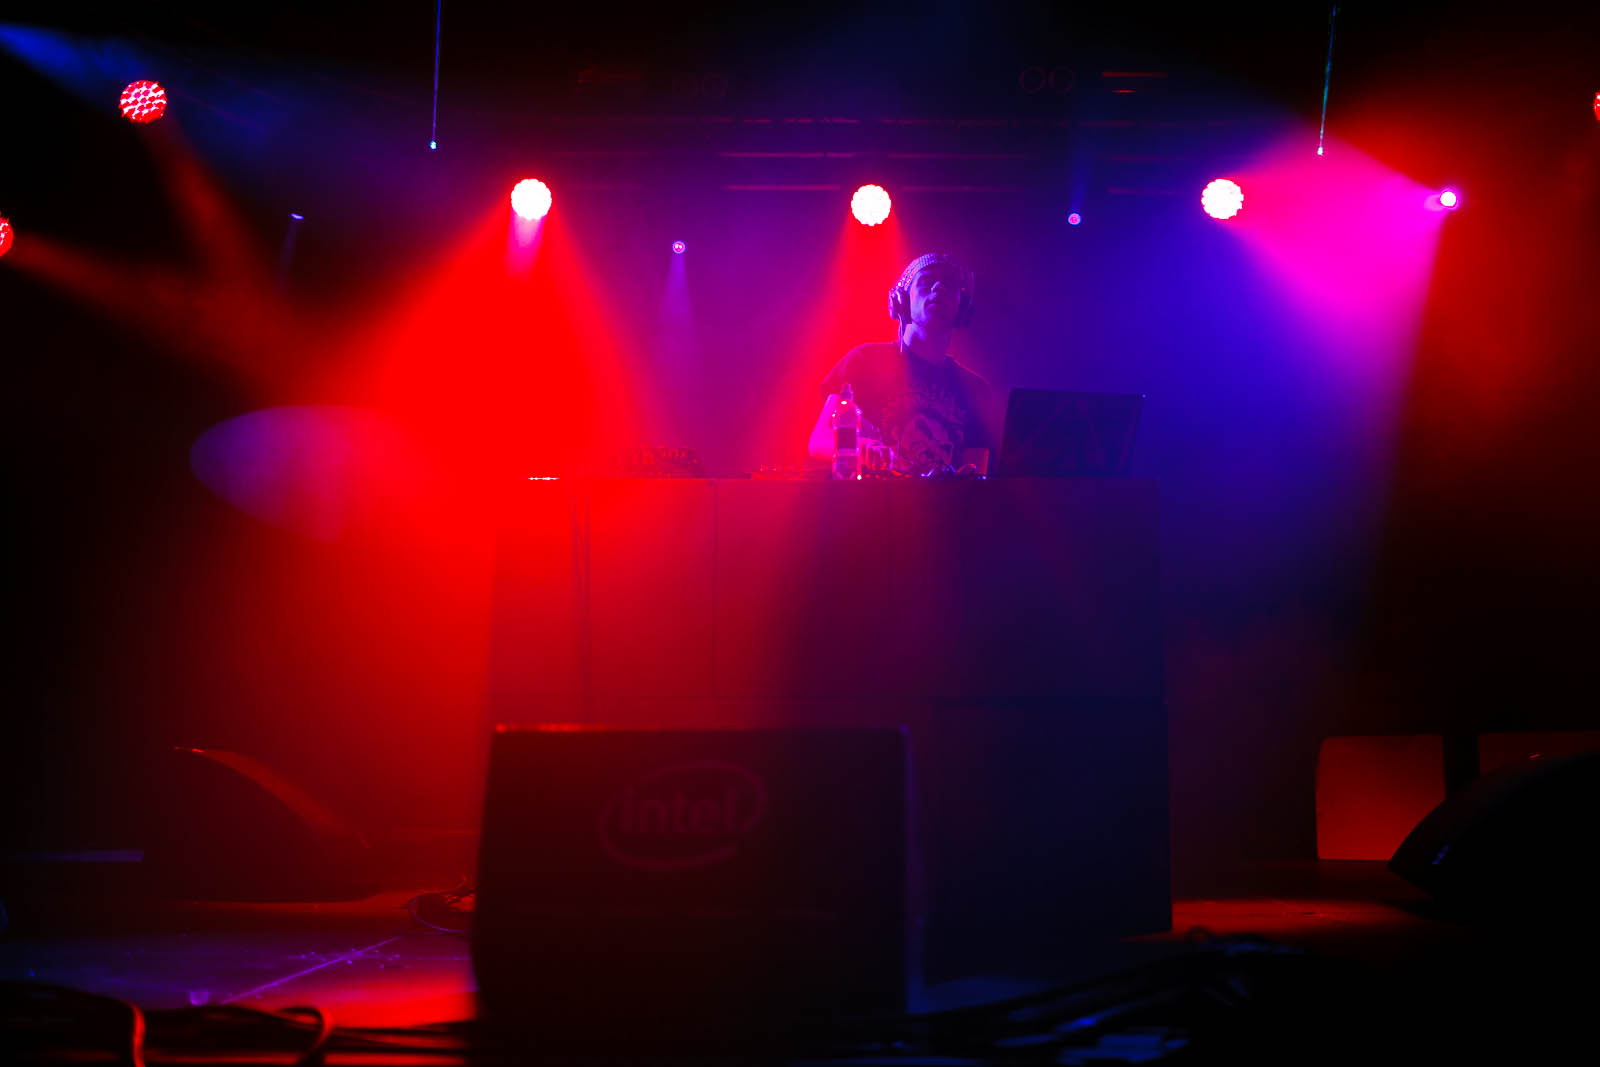 DJ F1NGGY